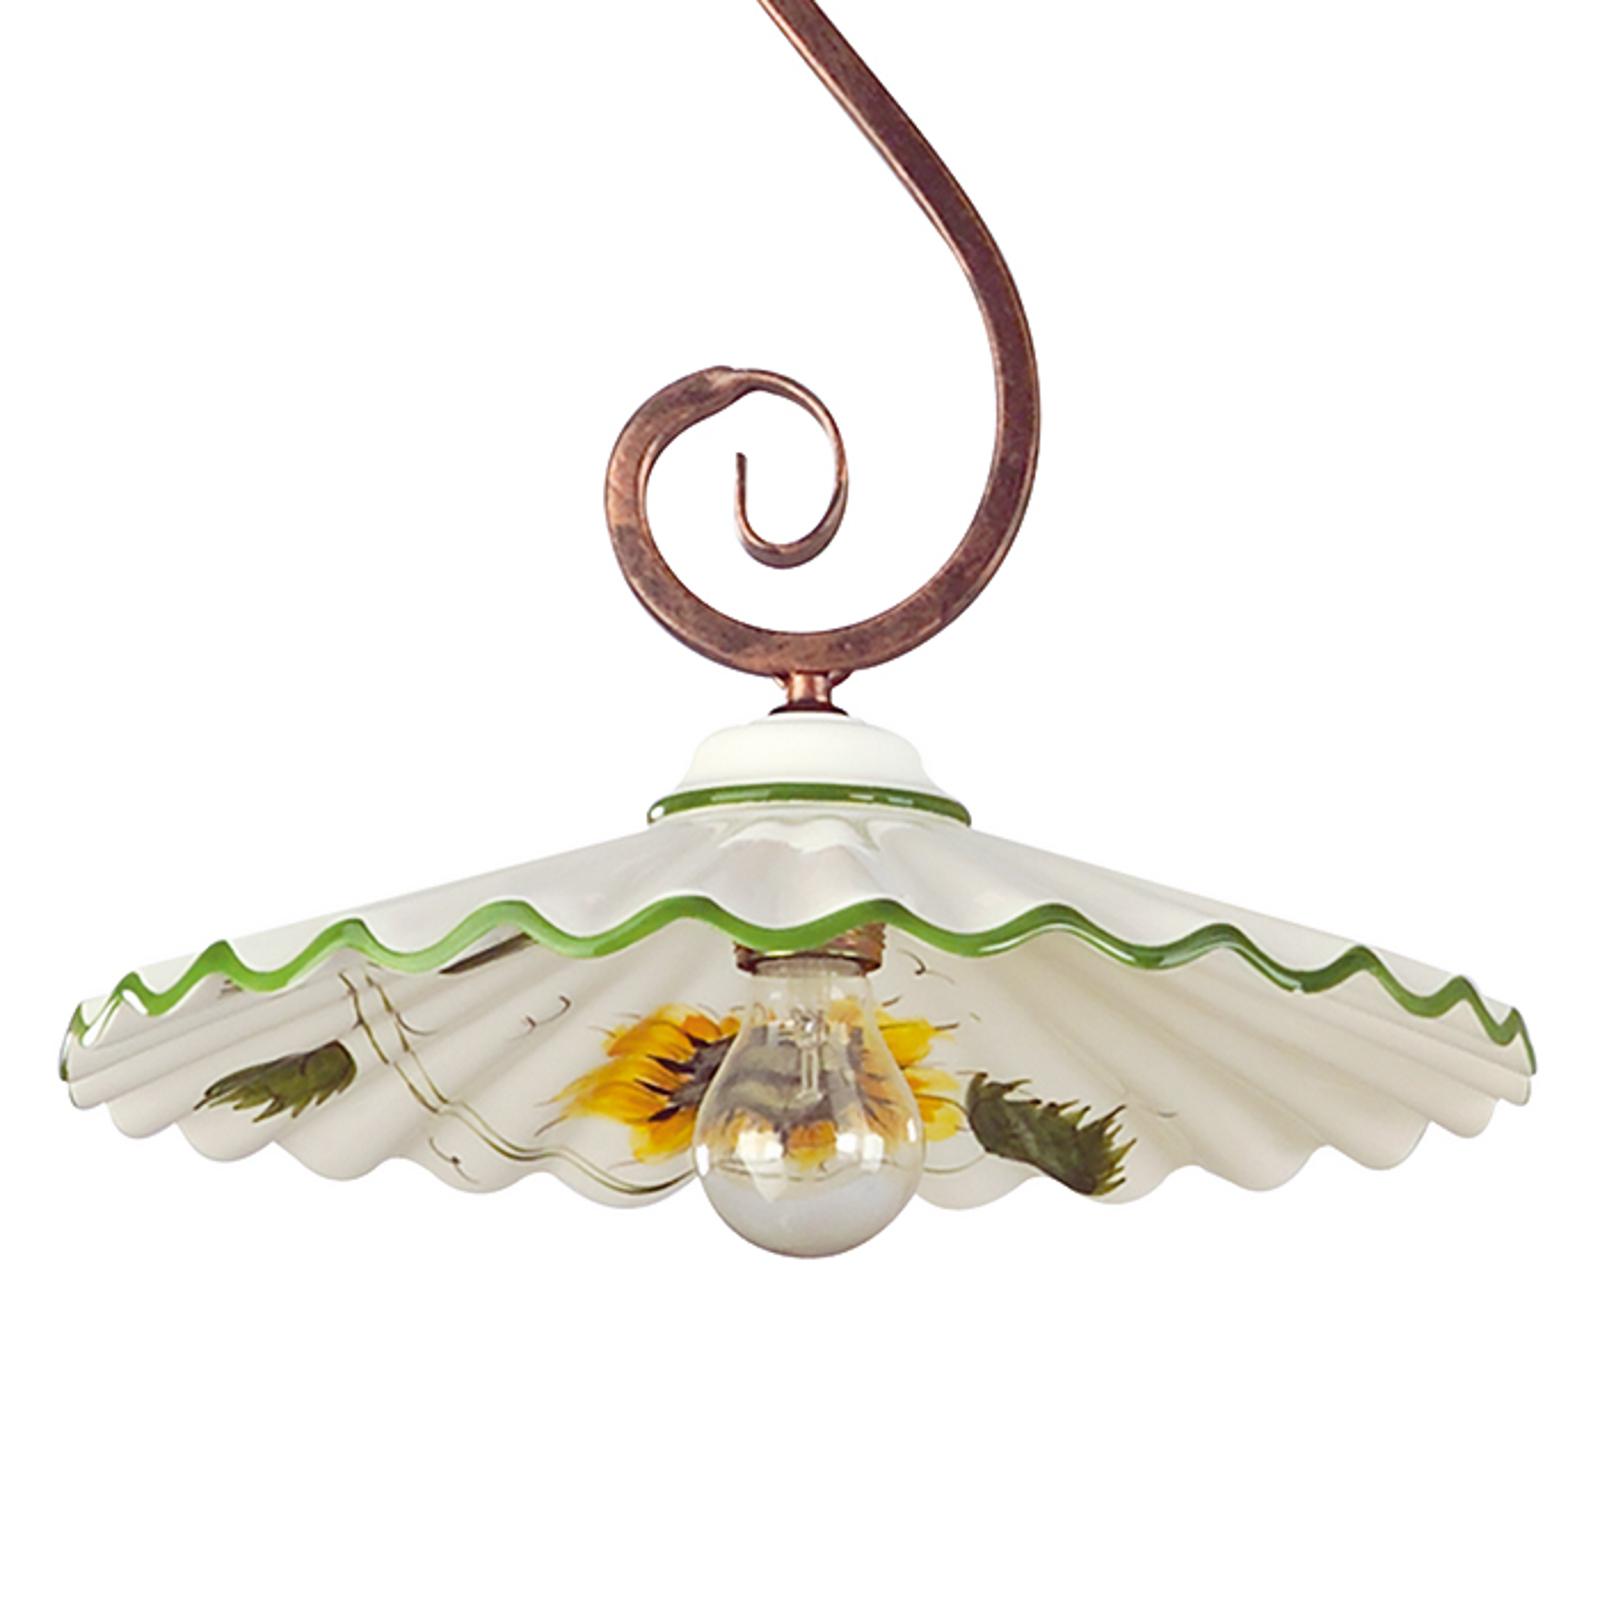 Hanglamp Rusticana met s-vormige ophanging